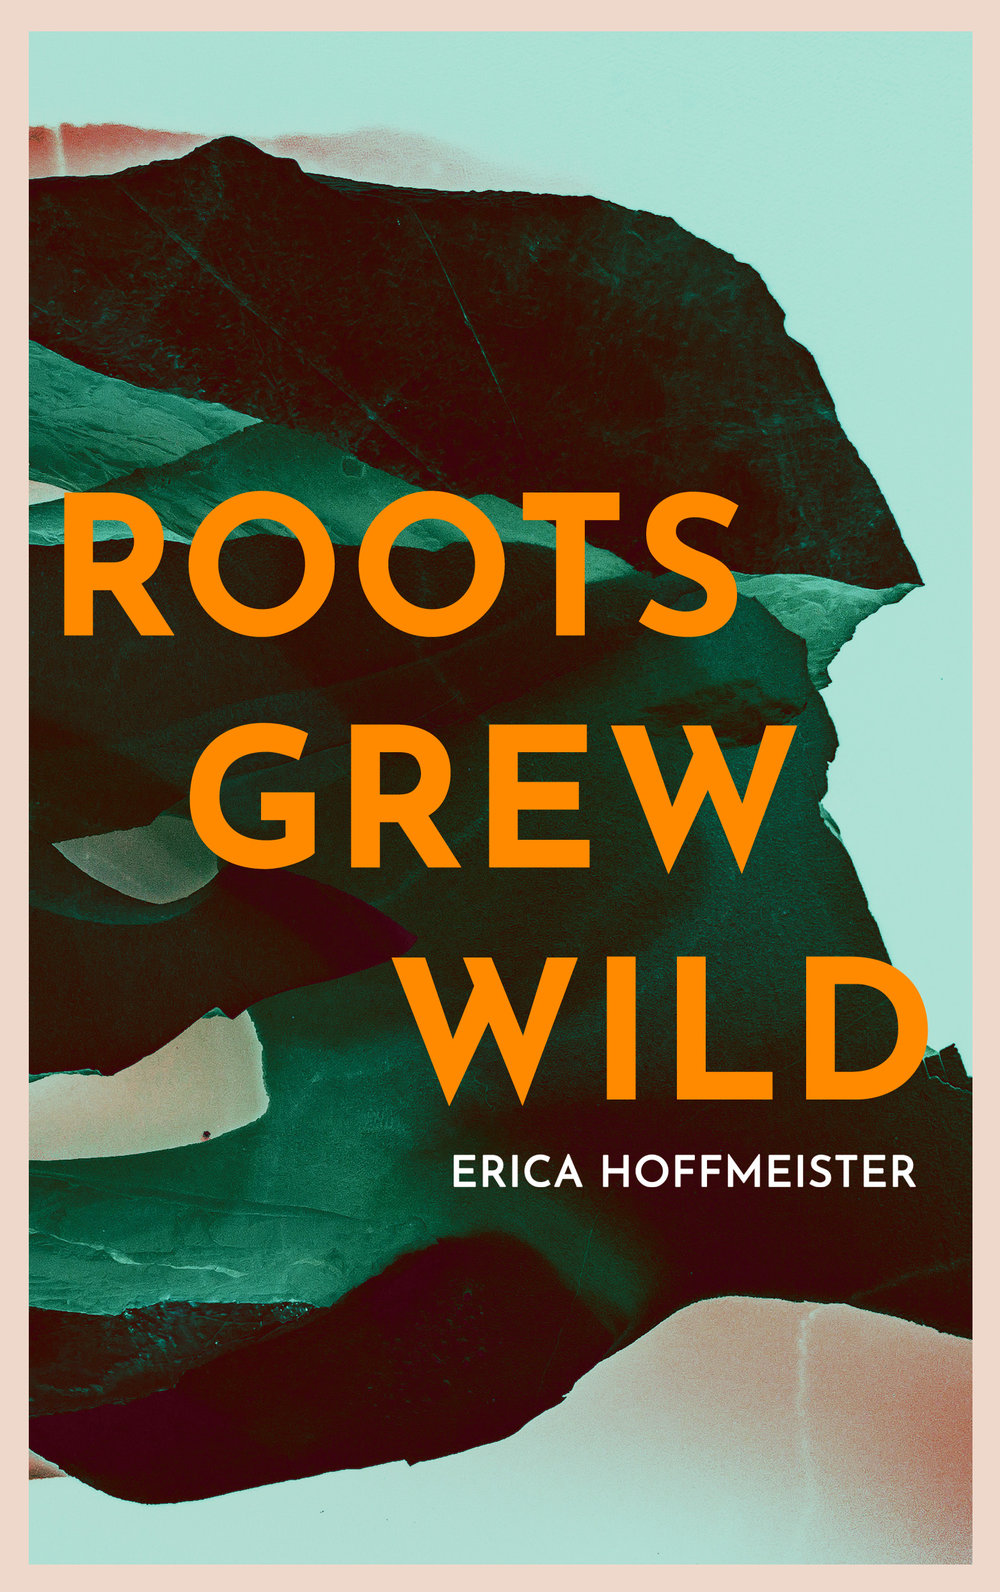 FIND ERICA HOFFMEISTER ON       INSTAGRAM  |  GOODREADS